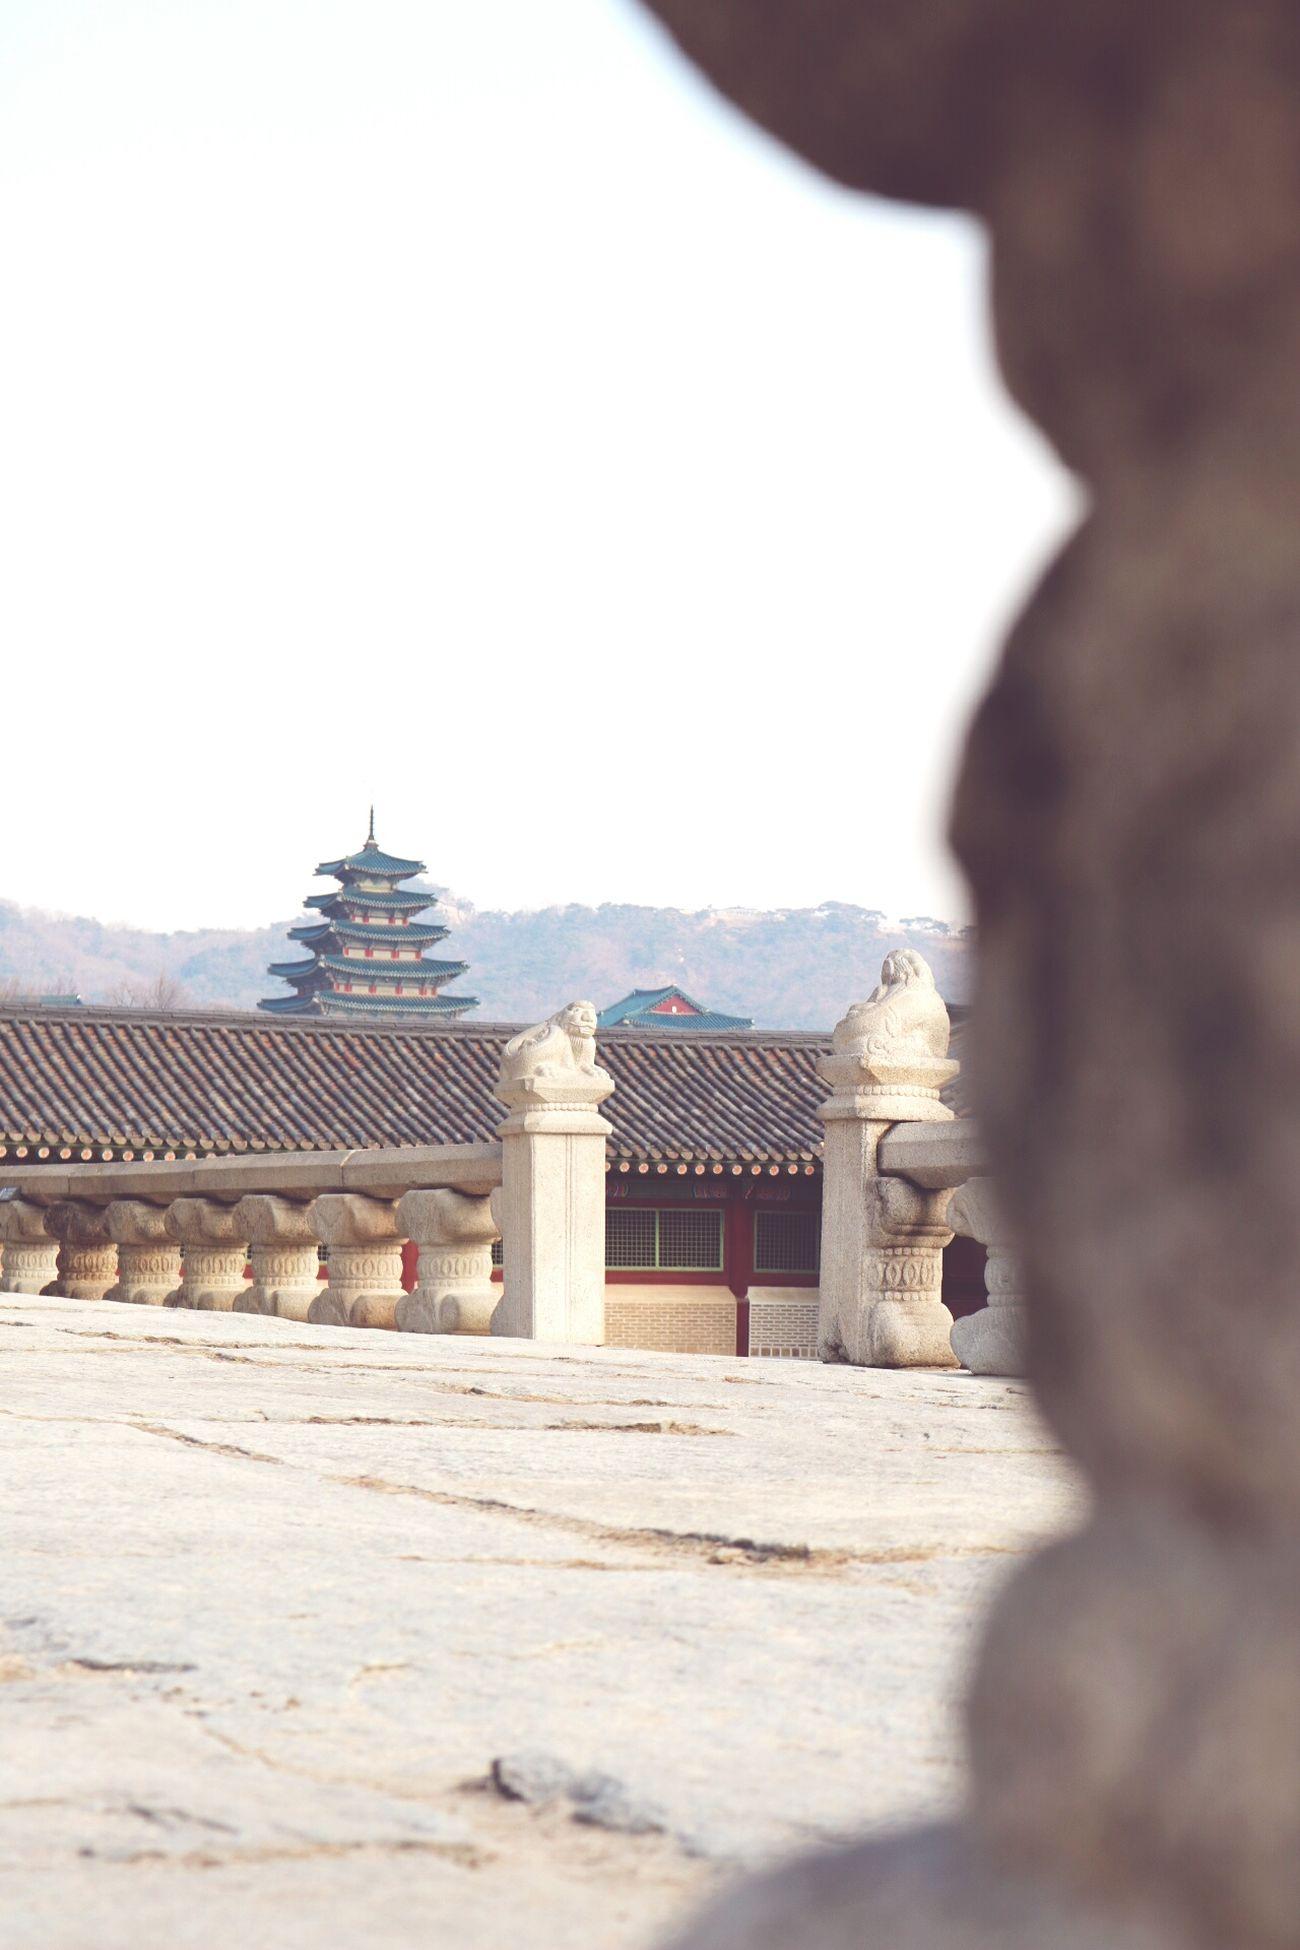 Gyeongbokgung Palace Beautifulkorea 首爾 Seoul 서울 Southkorea Seoul2015 Beautifulseoul Gyeongbokgung Palace Picoftheday Rooftop Detail